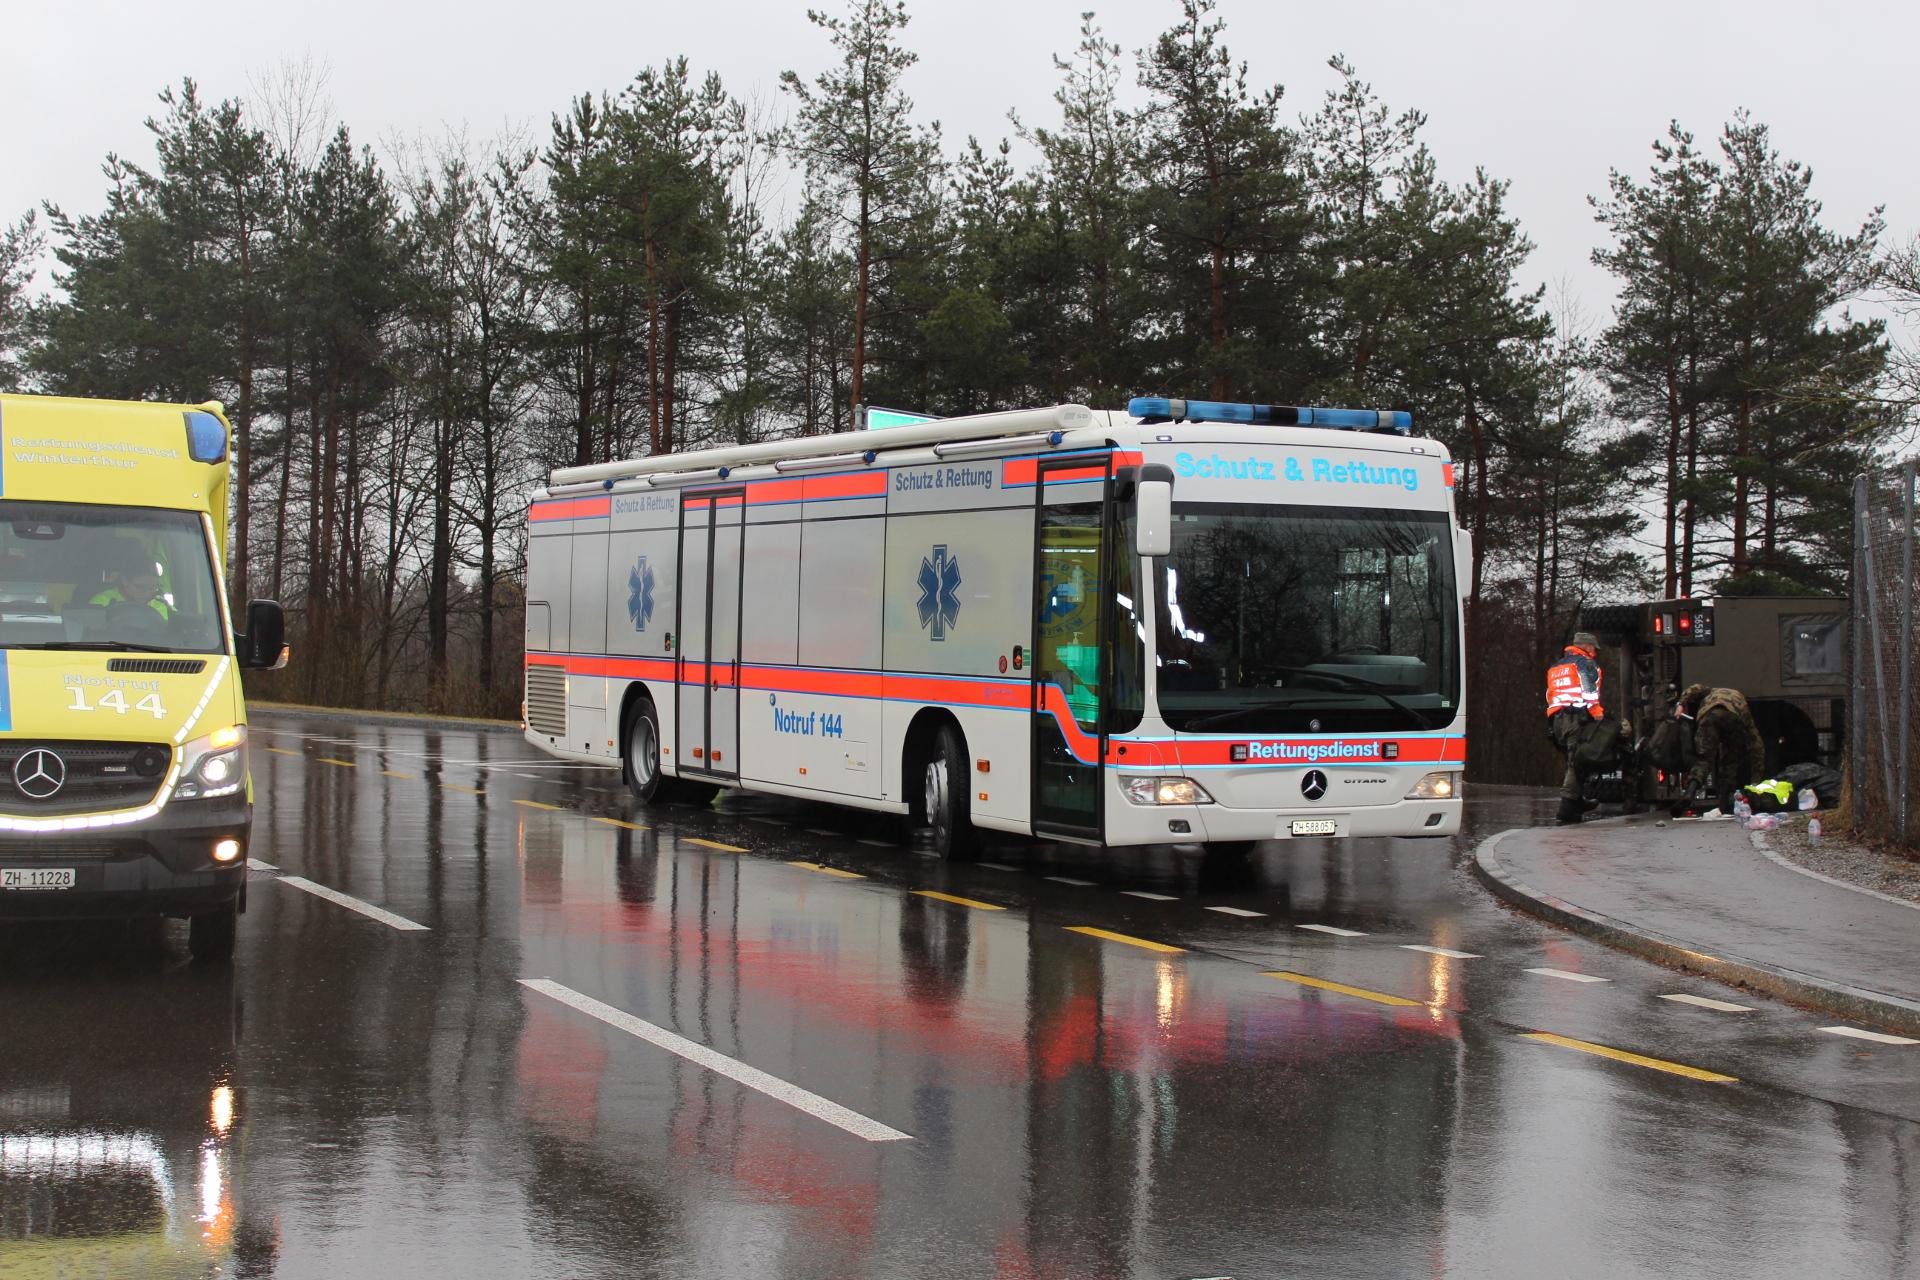 Effretikon: Mehrere Verletzte bei Militärfahrzeug-Unfall